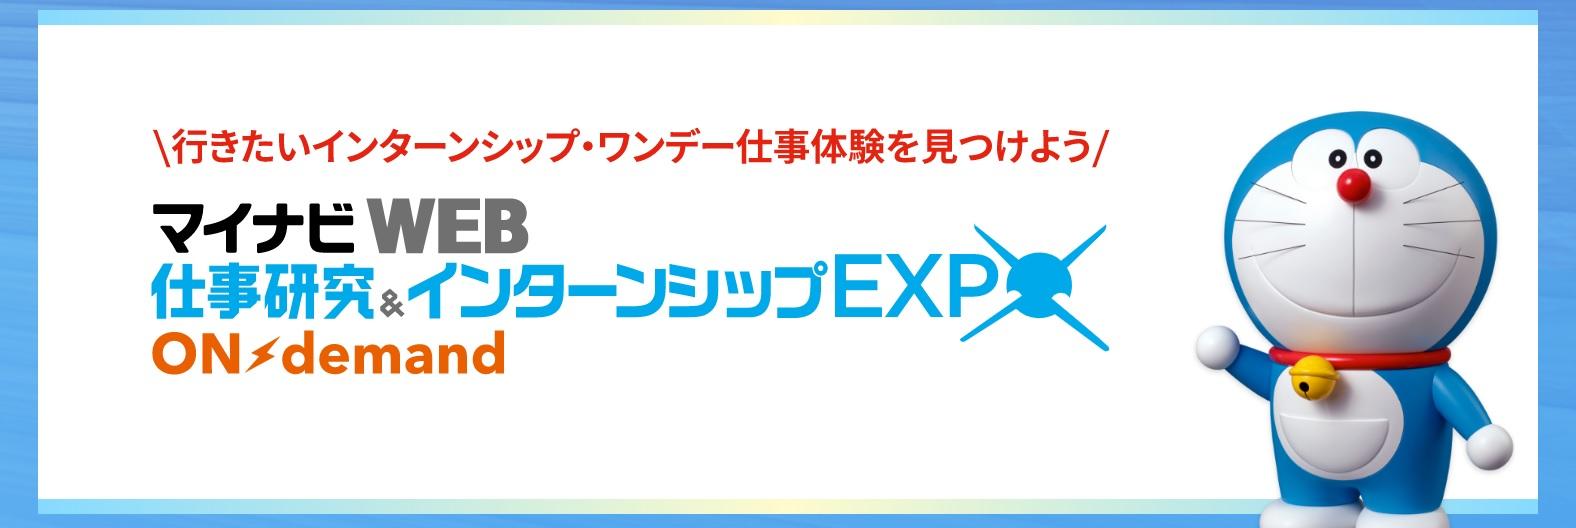 仕事研究&インターンシップWEB EXPO オンデマンド マイナビ